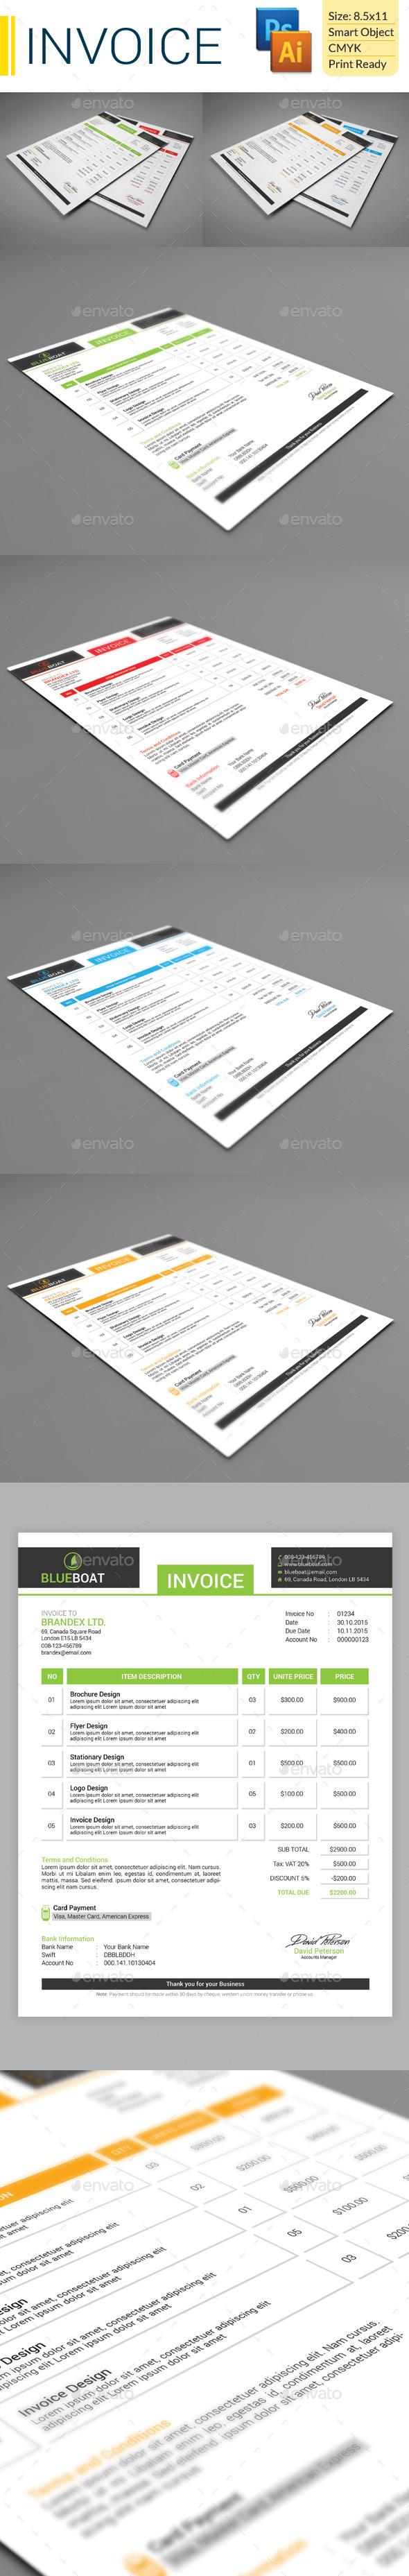 GraphicRiver Invoice 9541467